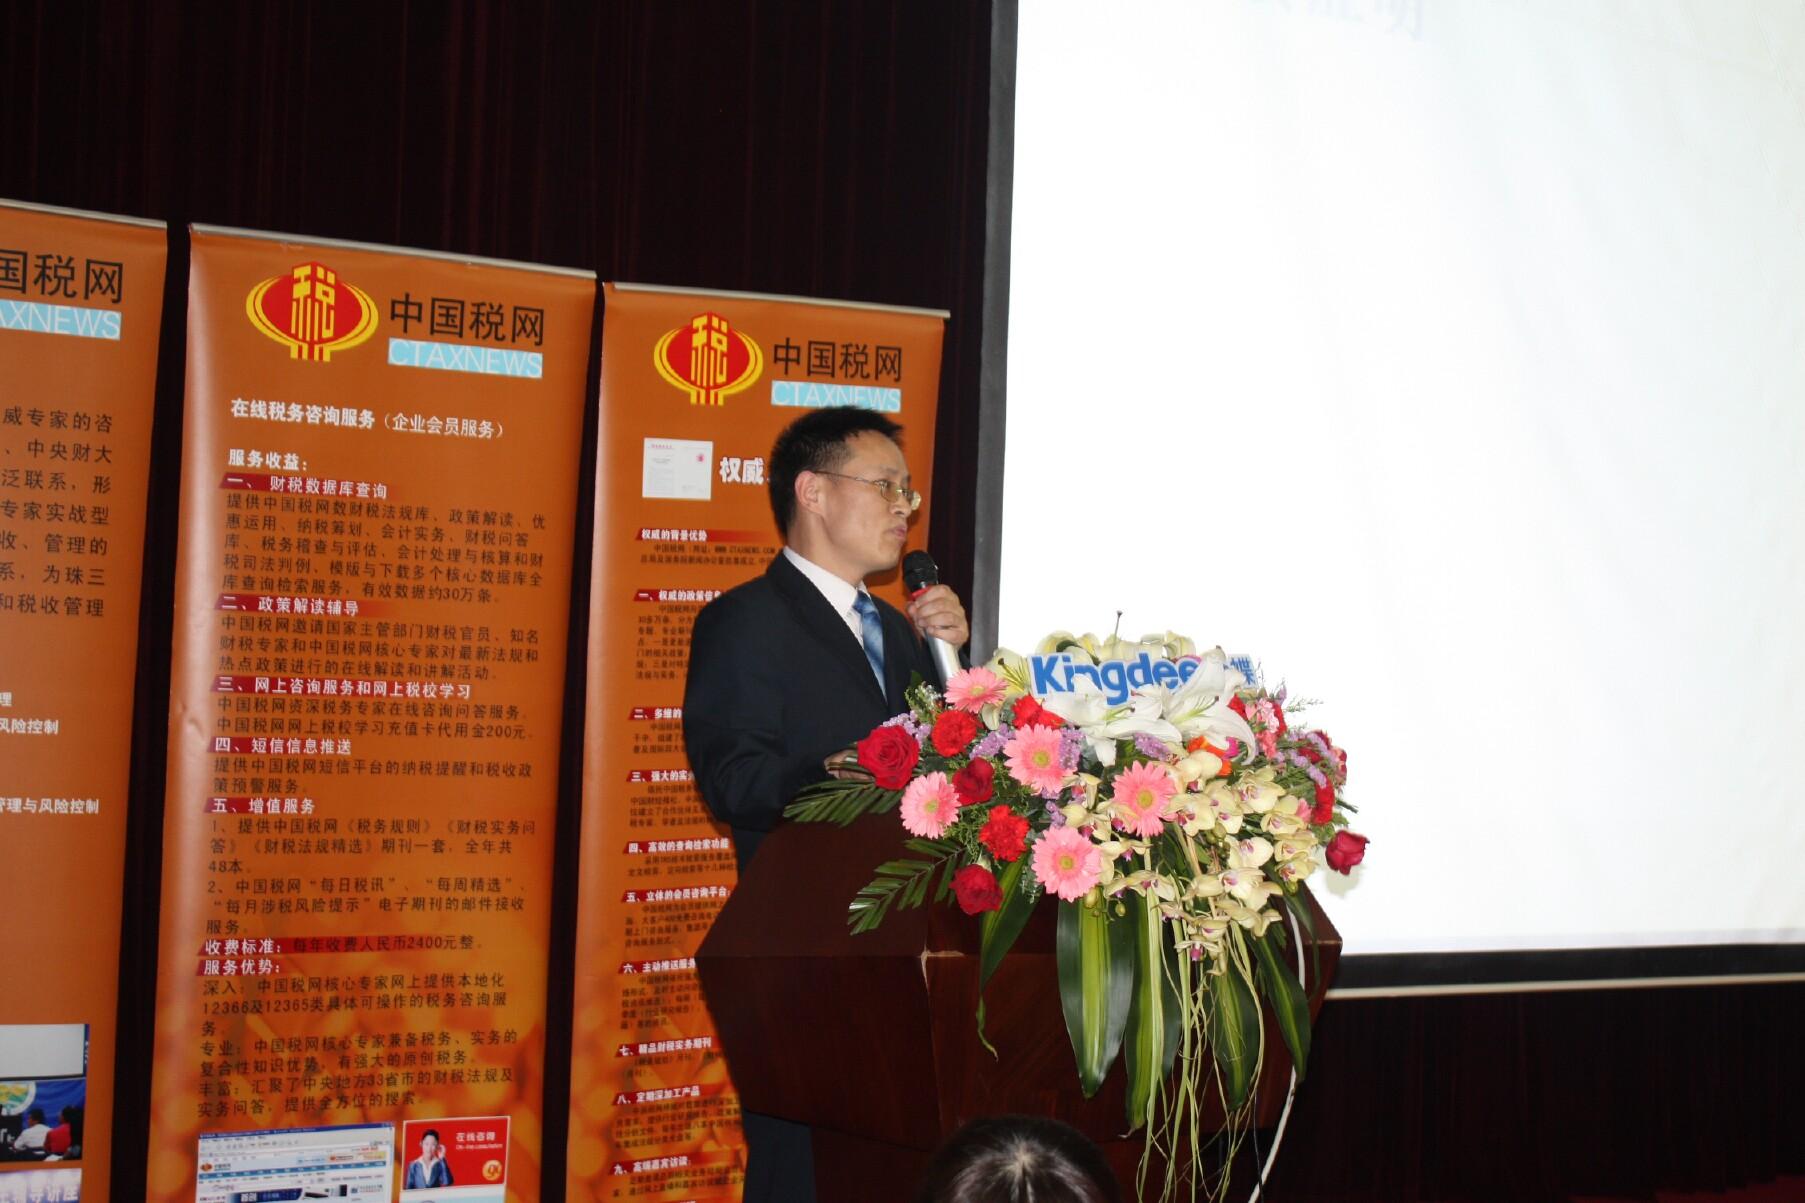 拍账王罗明松:解决财税行业需求痛点,持续赋能中小微企业发展